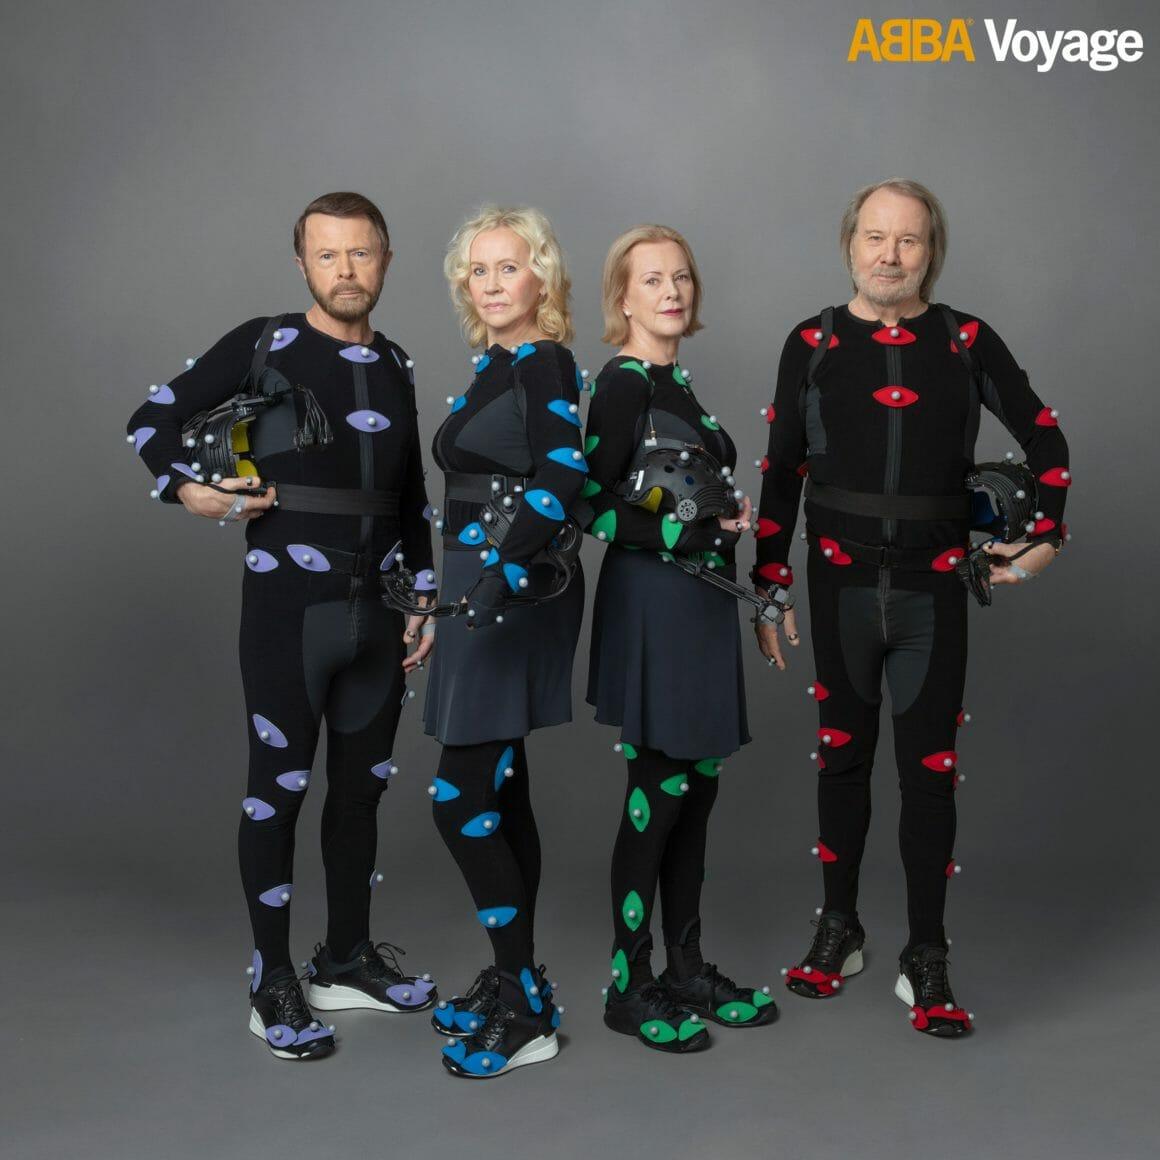 Les quatre membres portent un costume spécialement pensé pour filmer les films d'animations et recréer leurs mouvements.